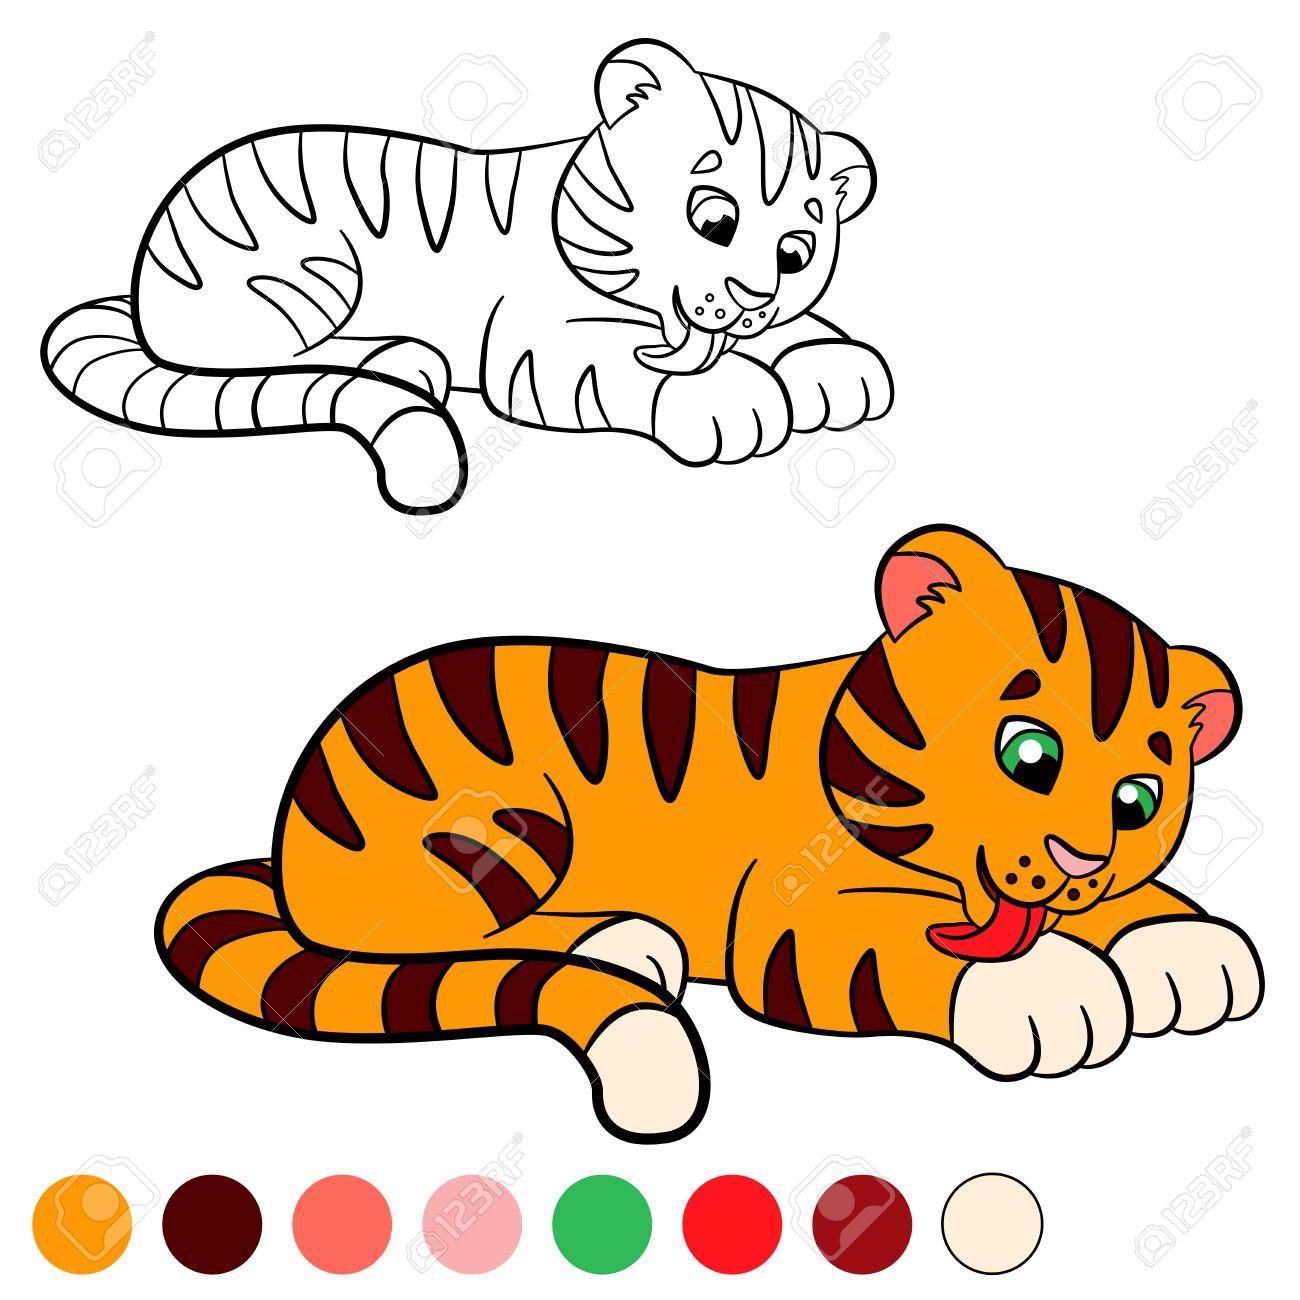 Beste Süße Tiger Malvorlagen Bilder - Beispielzusammenfassung Ideen ...